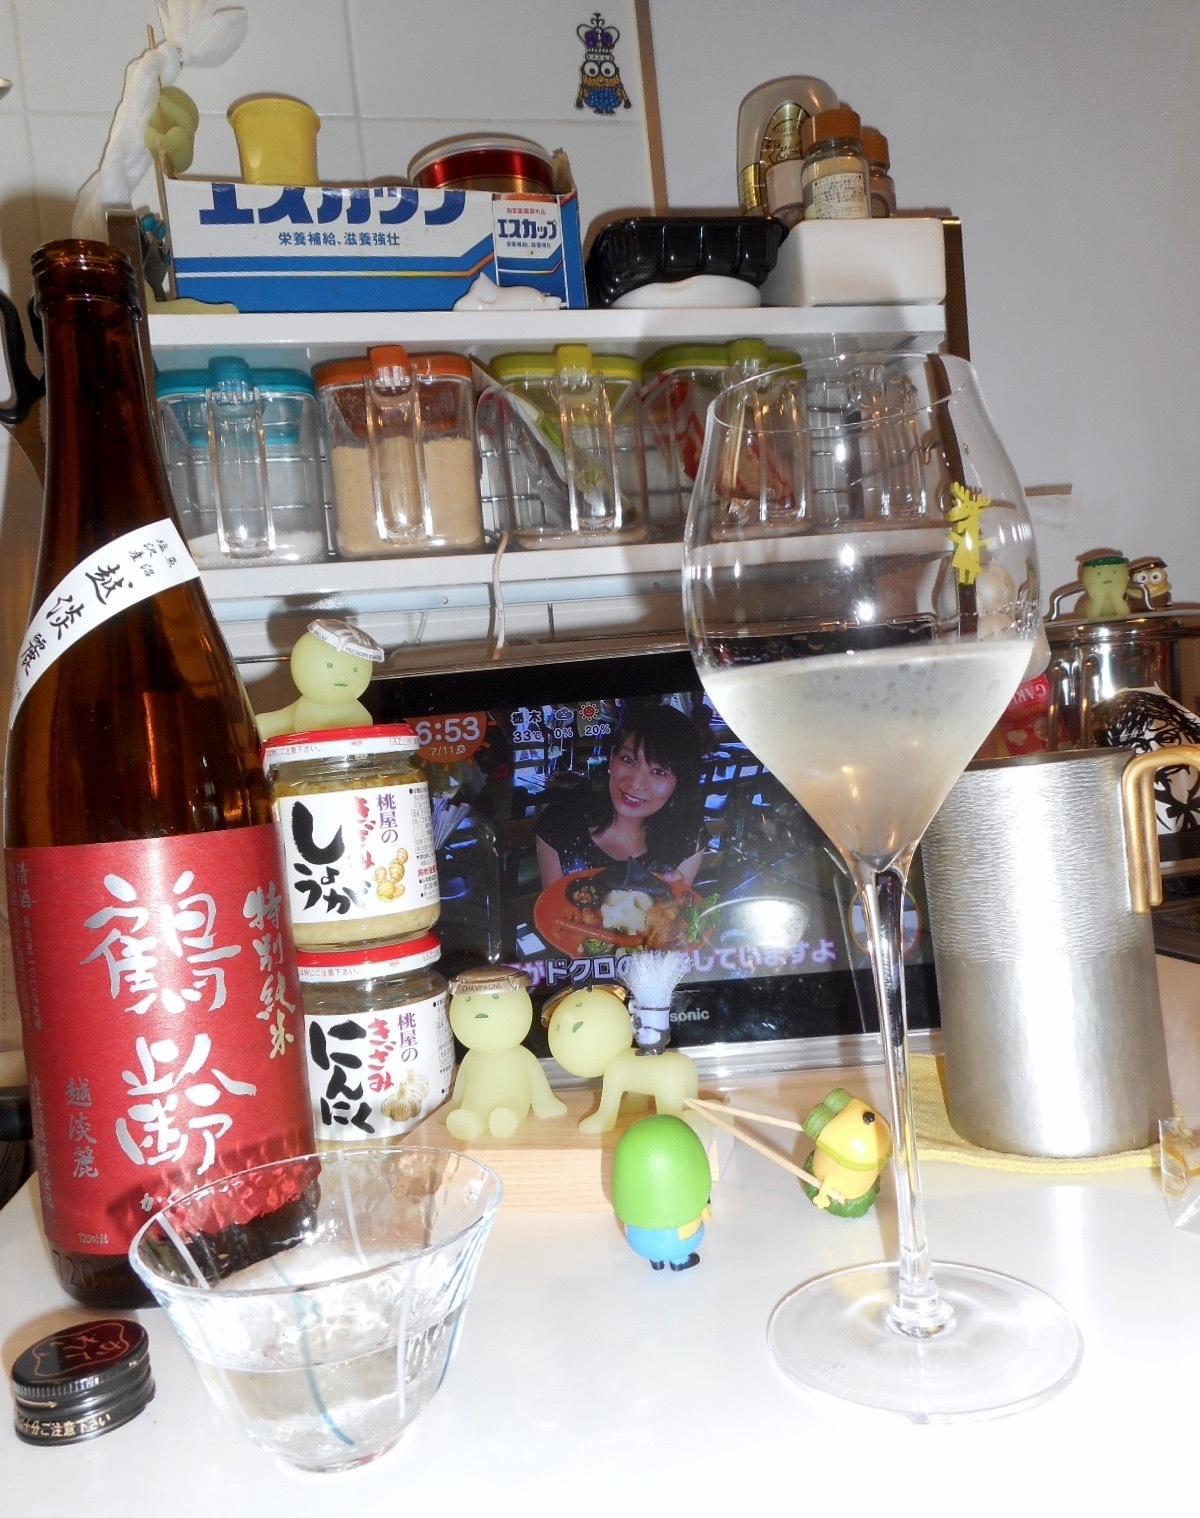 kakurei_koshitanrei28by10.jpg